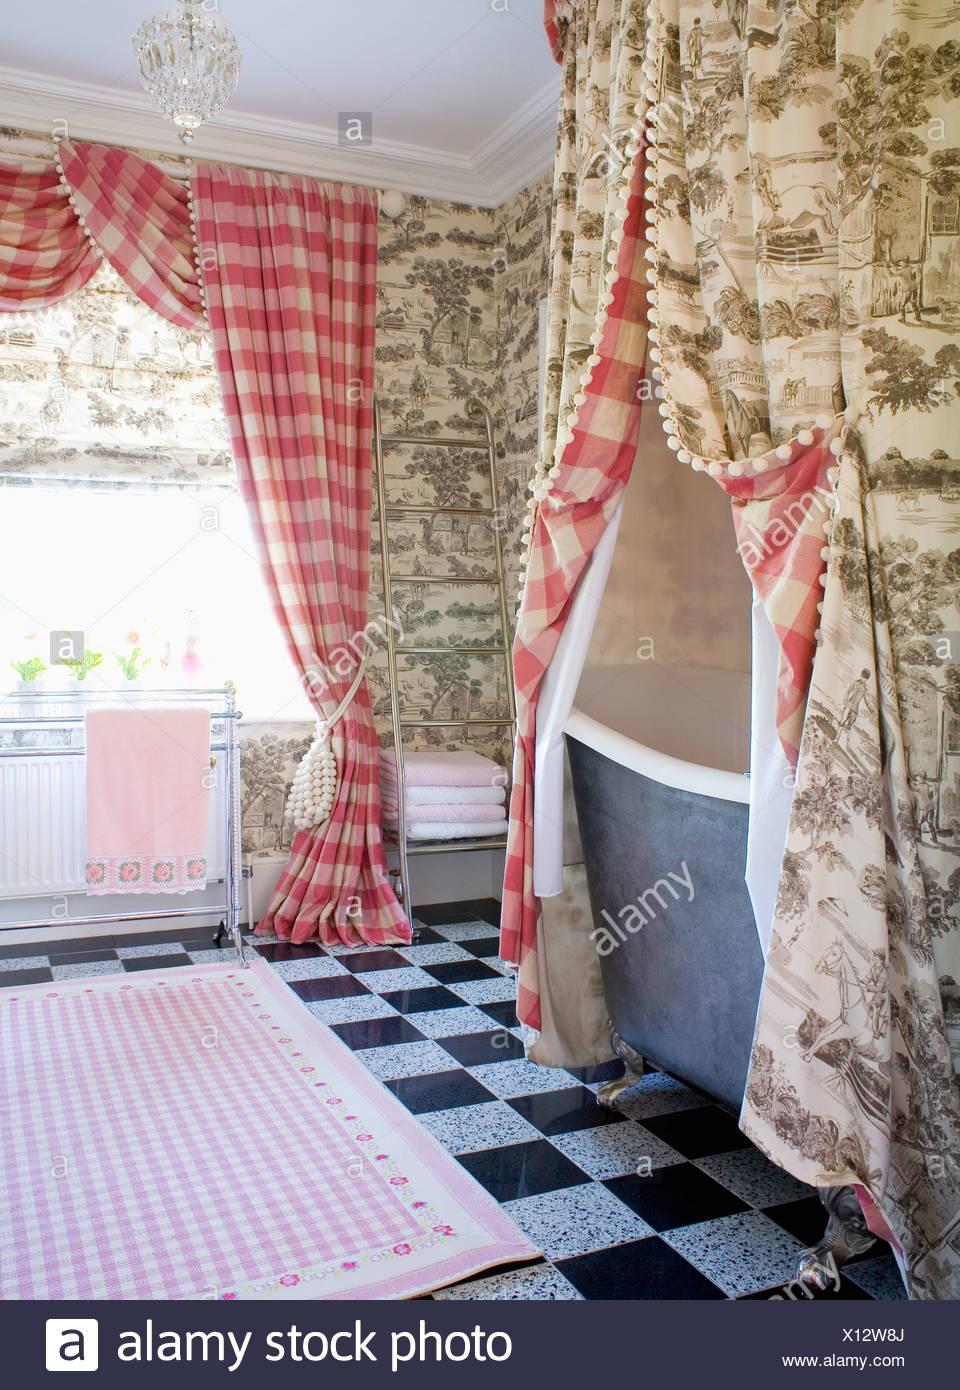 Toile gris-de-Jouy rideaux au-dessus de baignoire dans la salle de ...